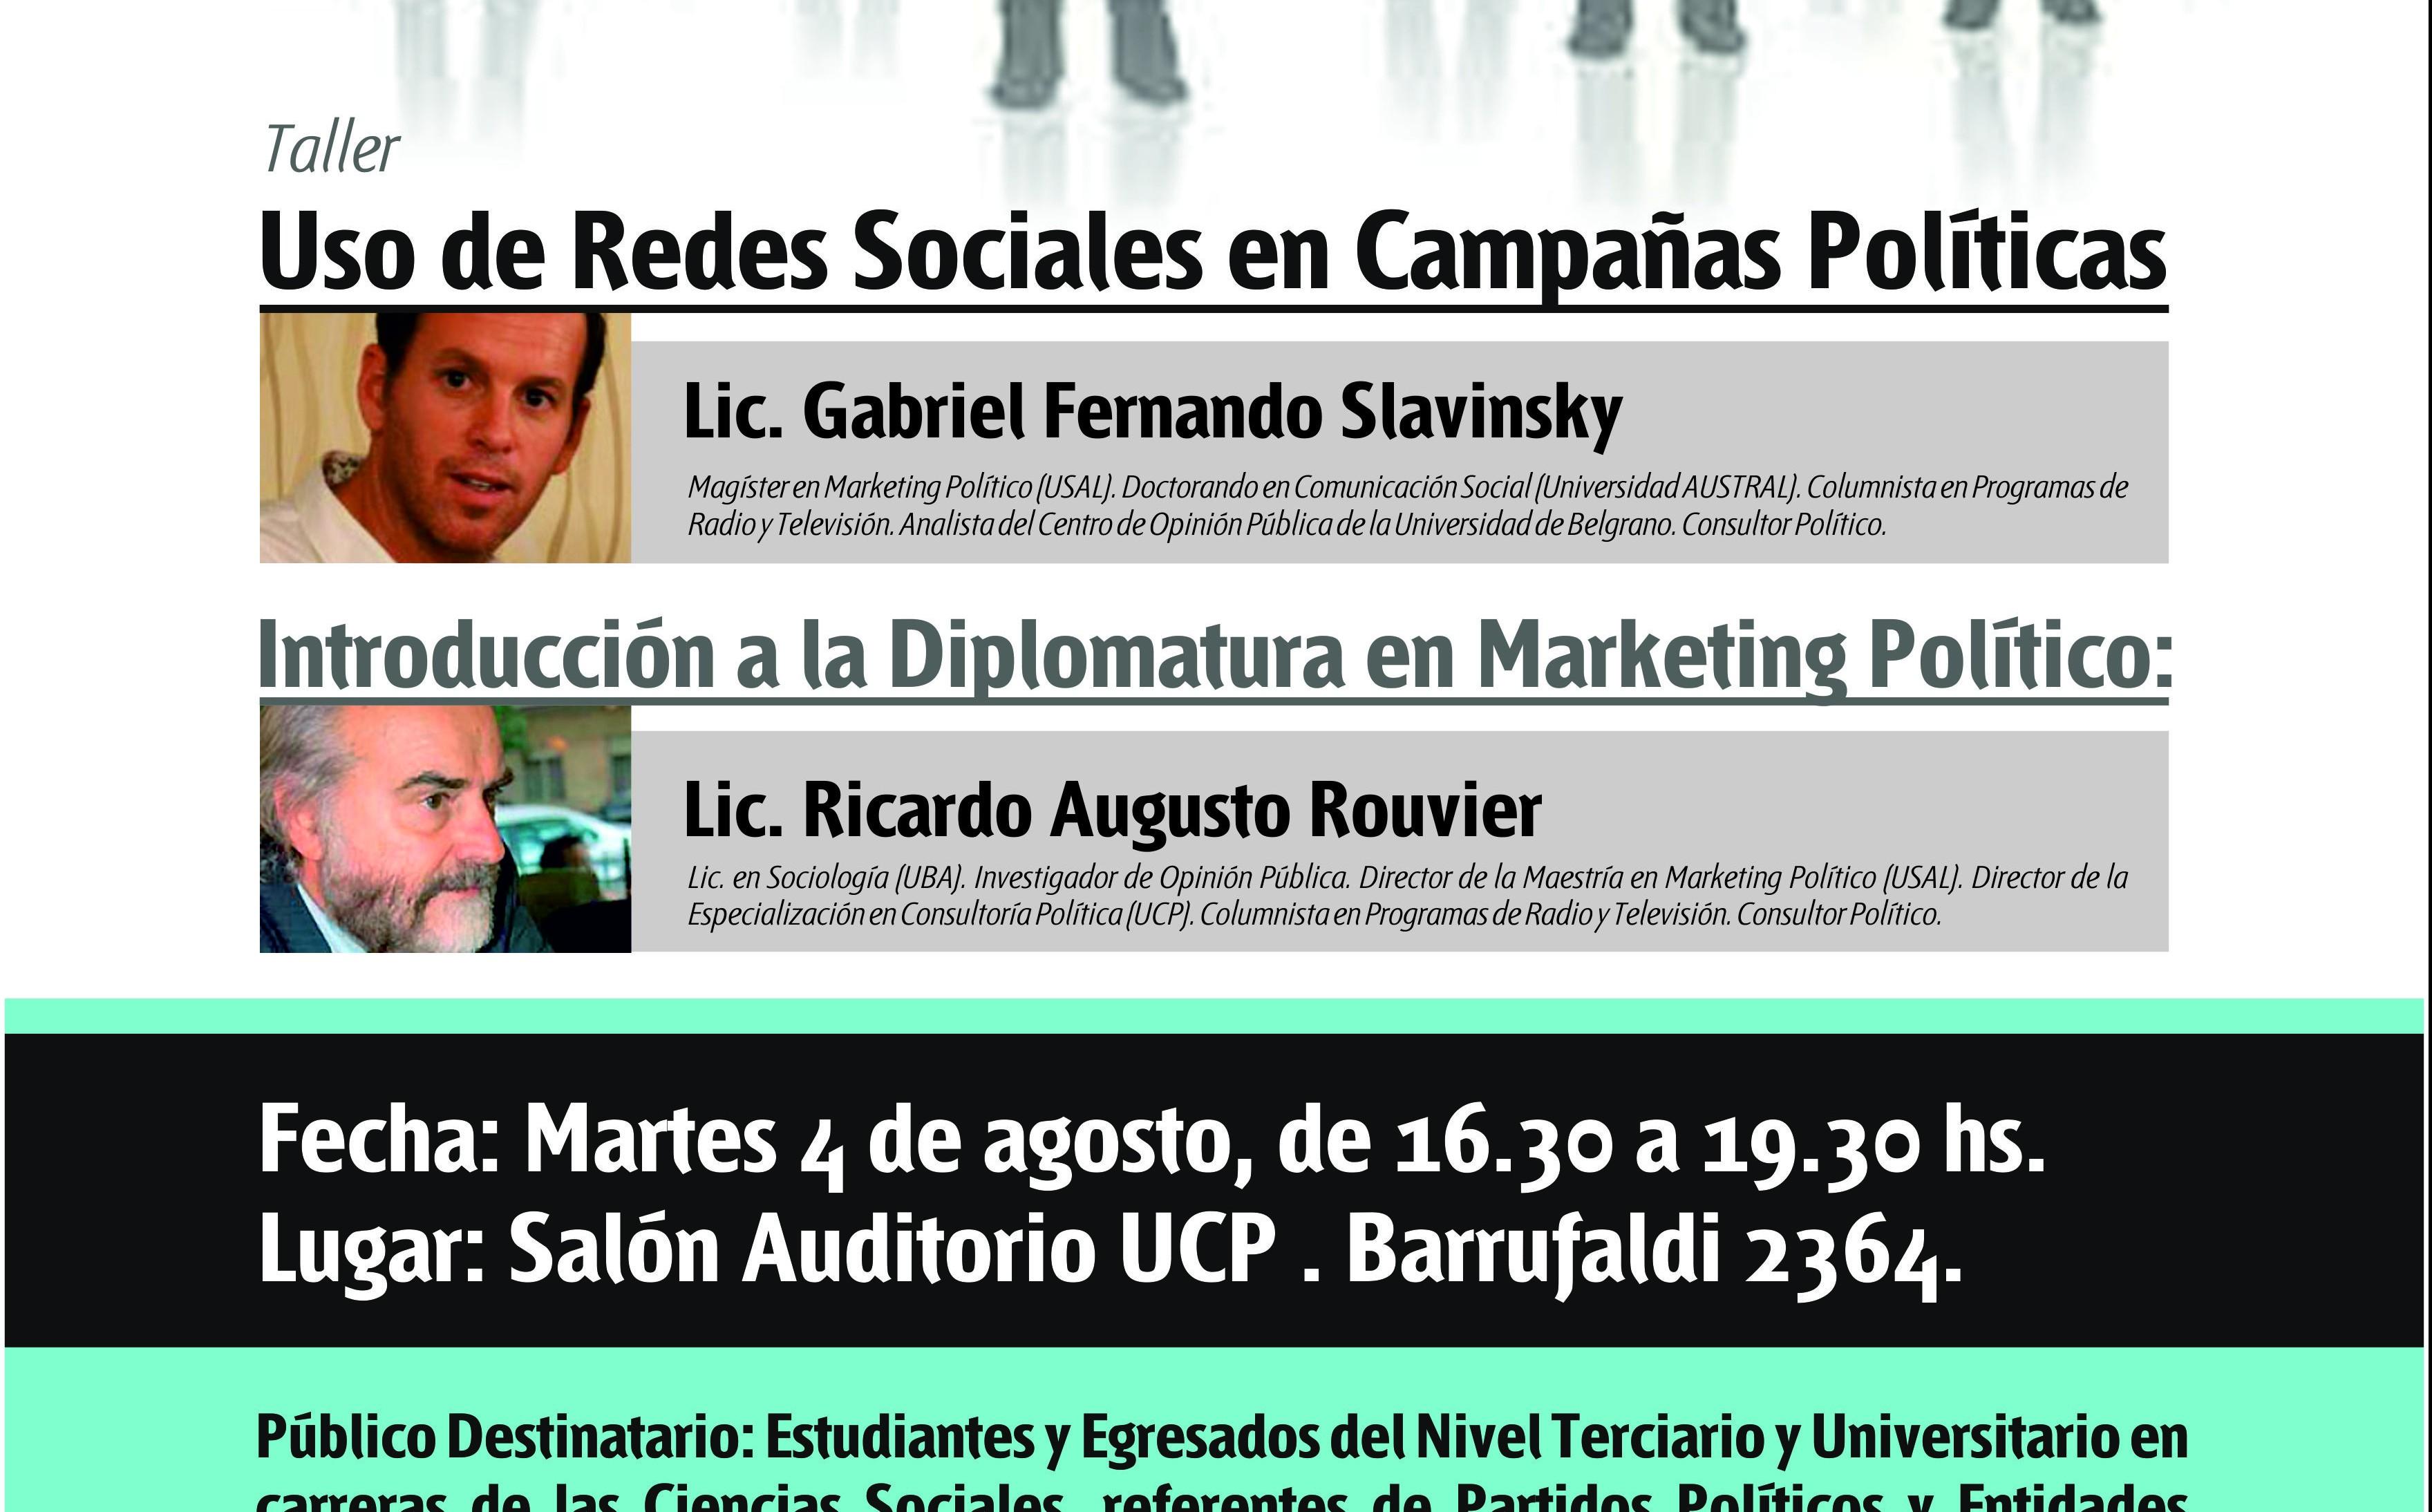 La Cuenca del Plata dictará un taller de uso de redes sociales en campañas políticas